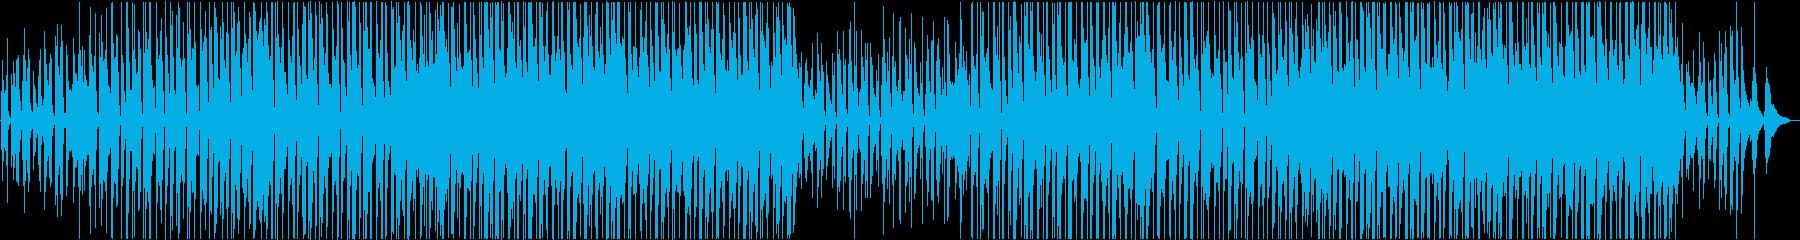 幸せな明るいフォークミュージックの再生済みの波形